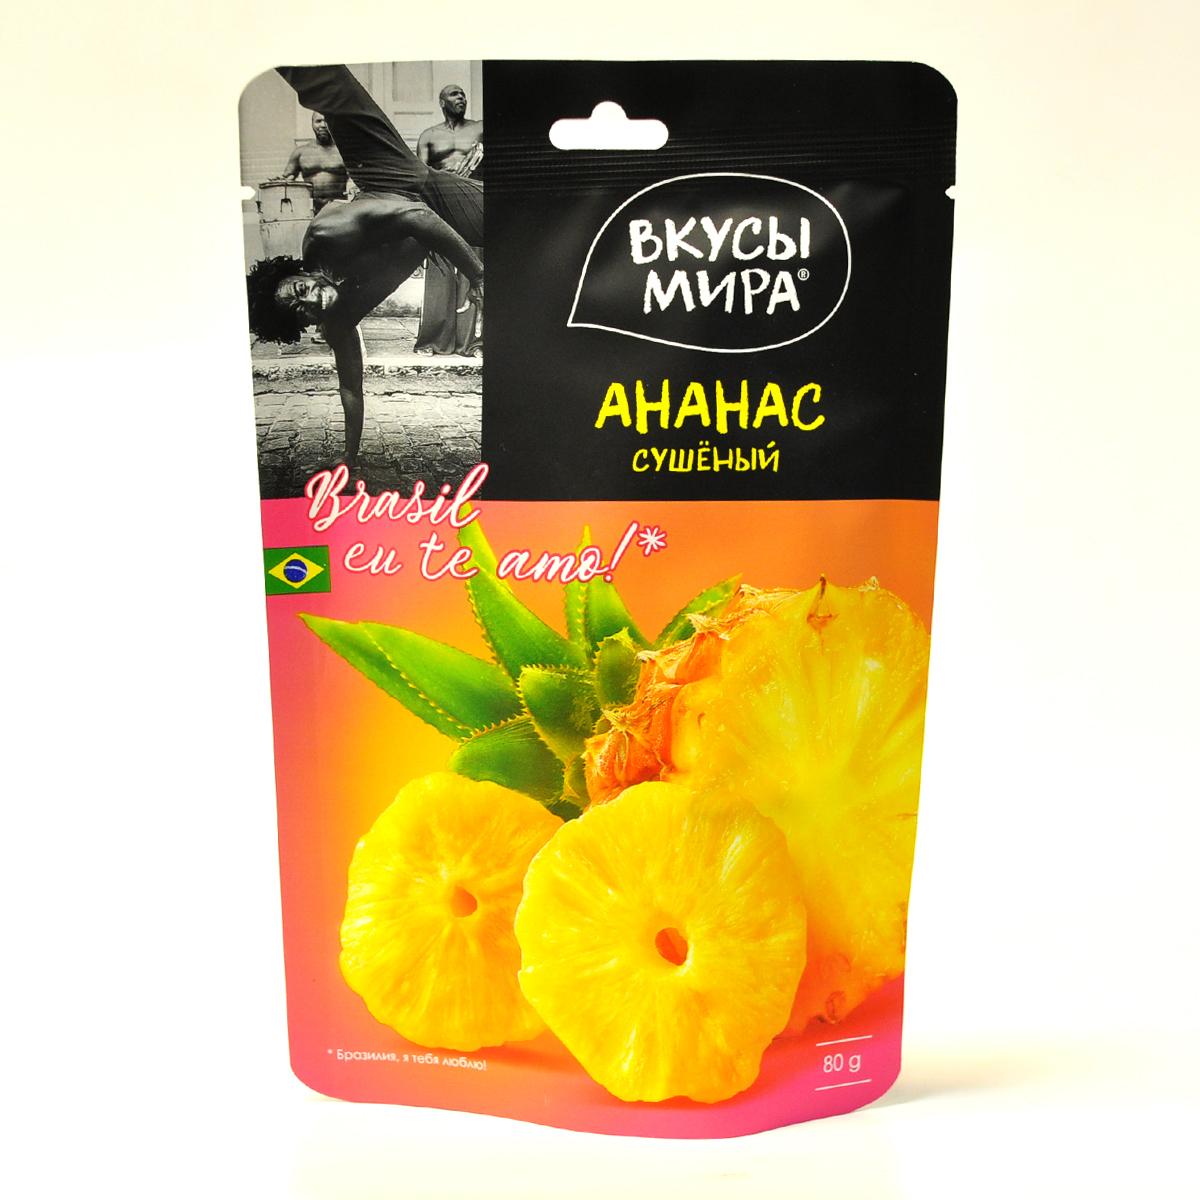 Ананас сушеный Вкусы мира 80 гр